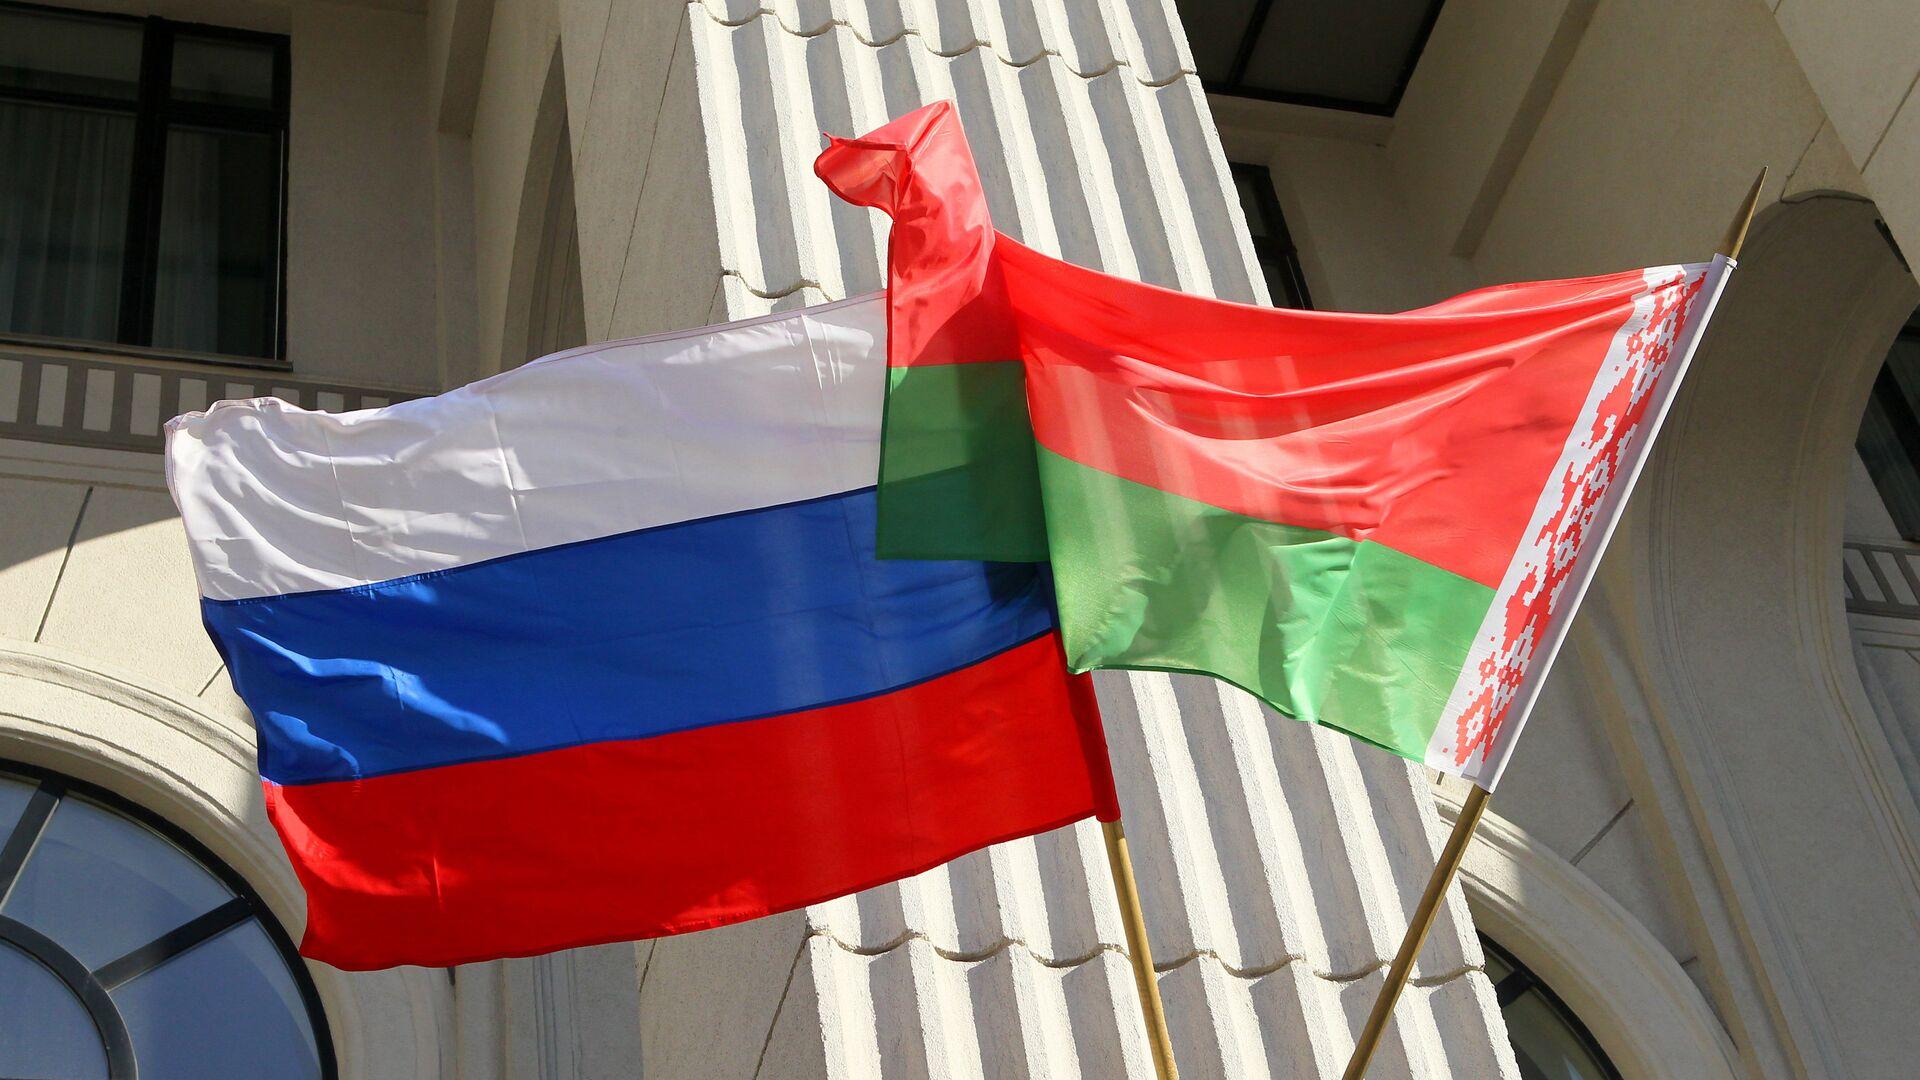 Флаги России и Белоруссии. Архив   - Sputnik Mundo, 1920, 23.06.2021